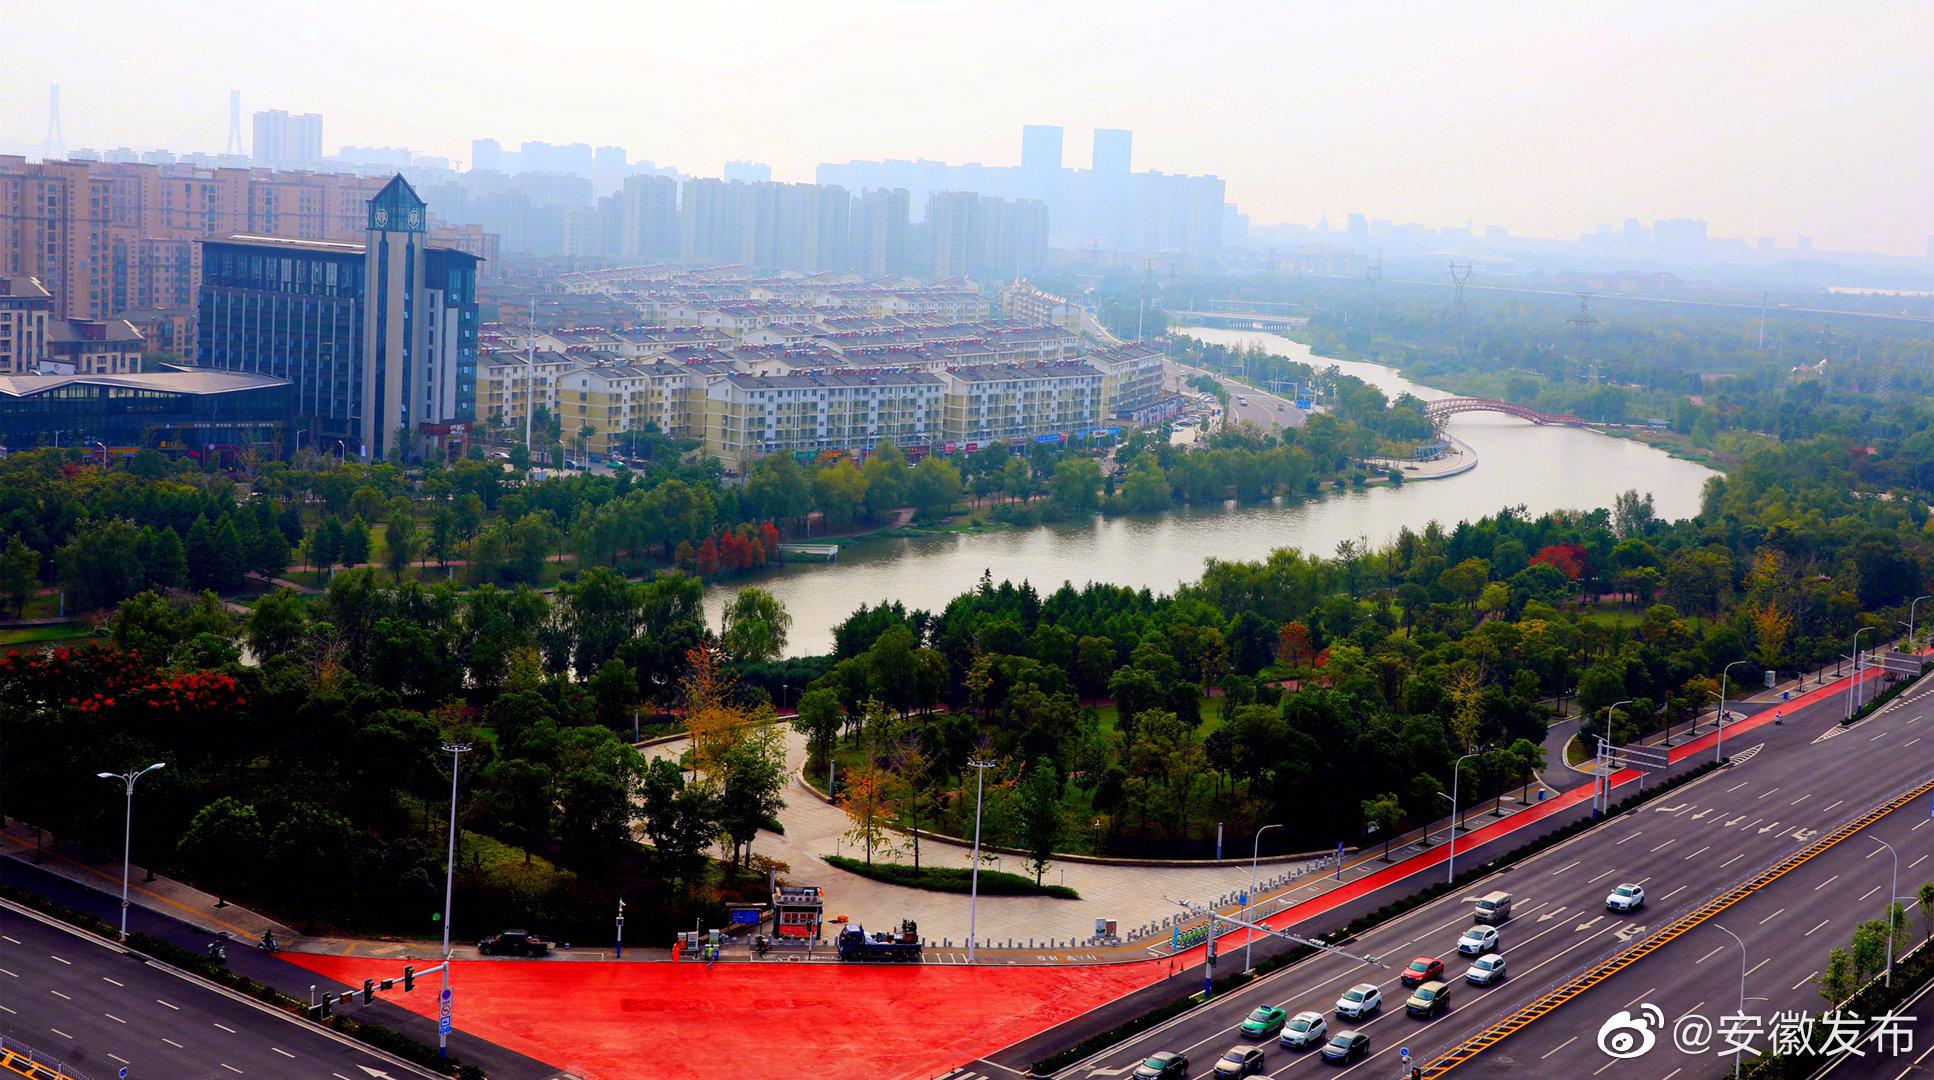 安庆古运河开凿于北宋,复凿于清代,为长江辅助航道。现如今